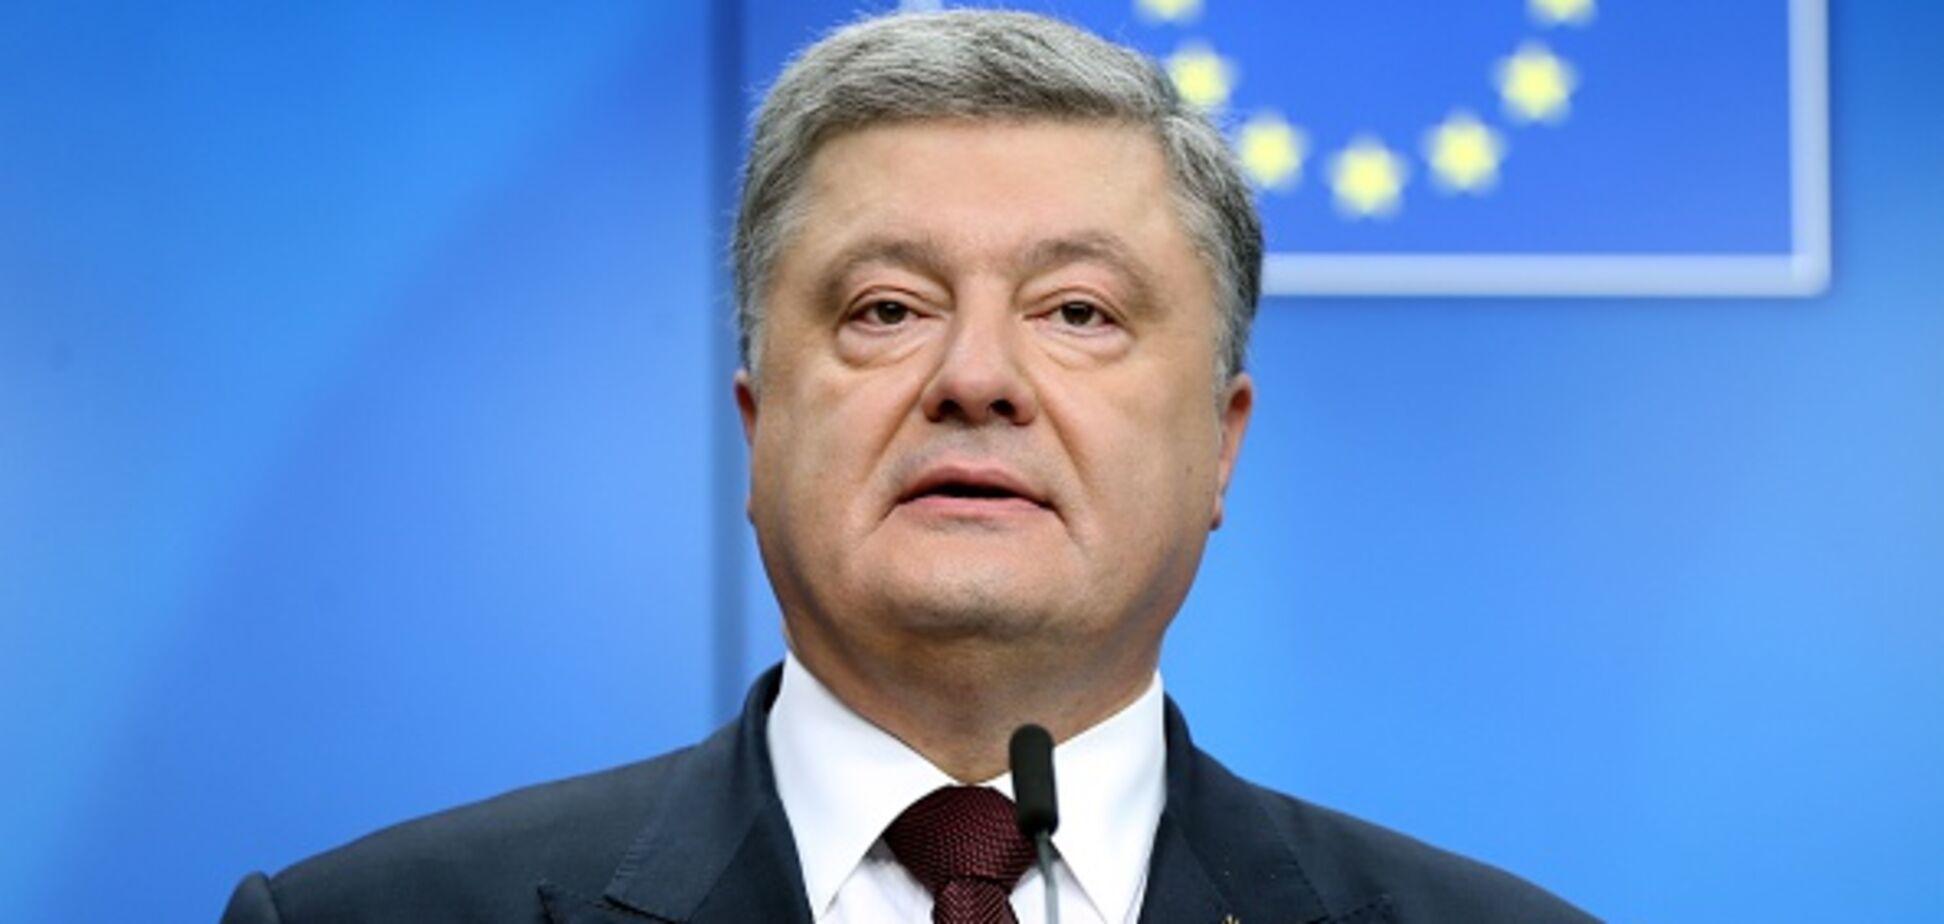 'Уже в НАТО и ЕС': у Порошенко возмутились заявлением президента Еврокомиссии относительно Украины